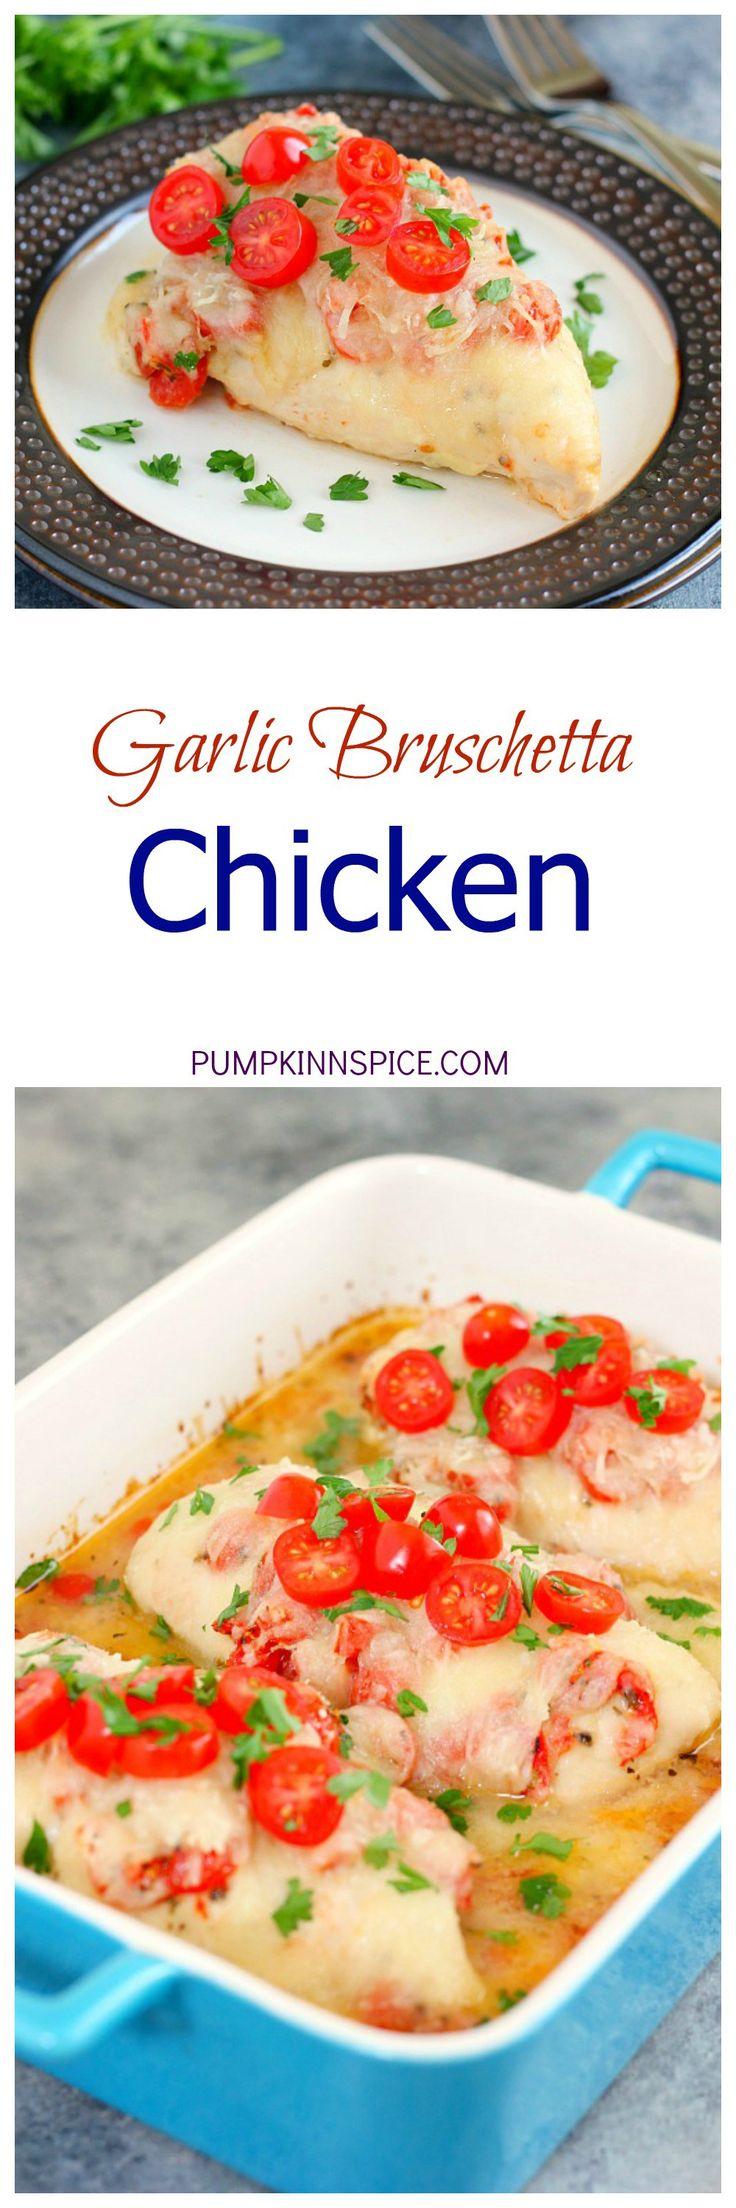 Garlic Bruschetta Chicken | Recipe | Bruschetta Chicken, Bruschetta ...